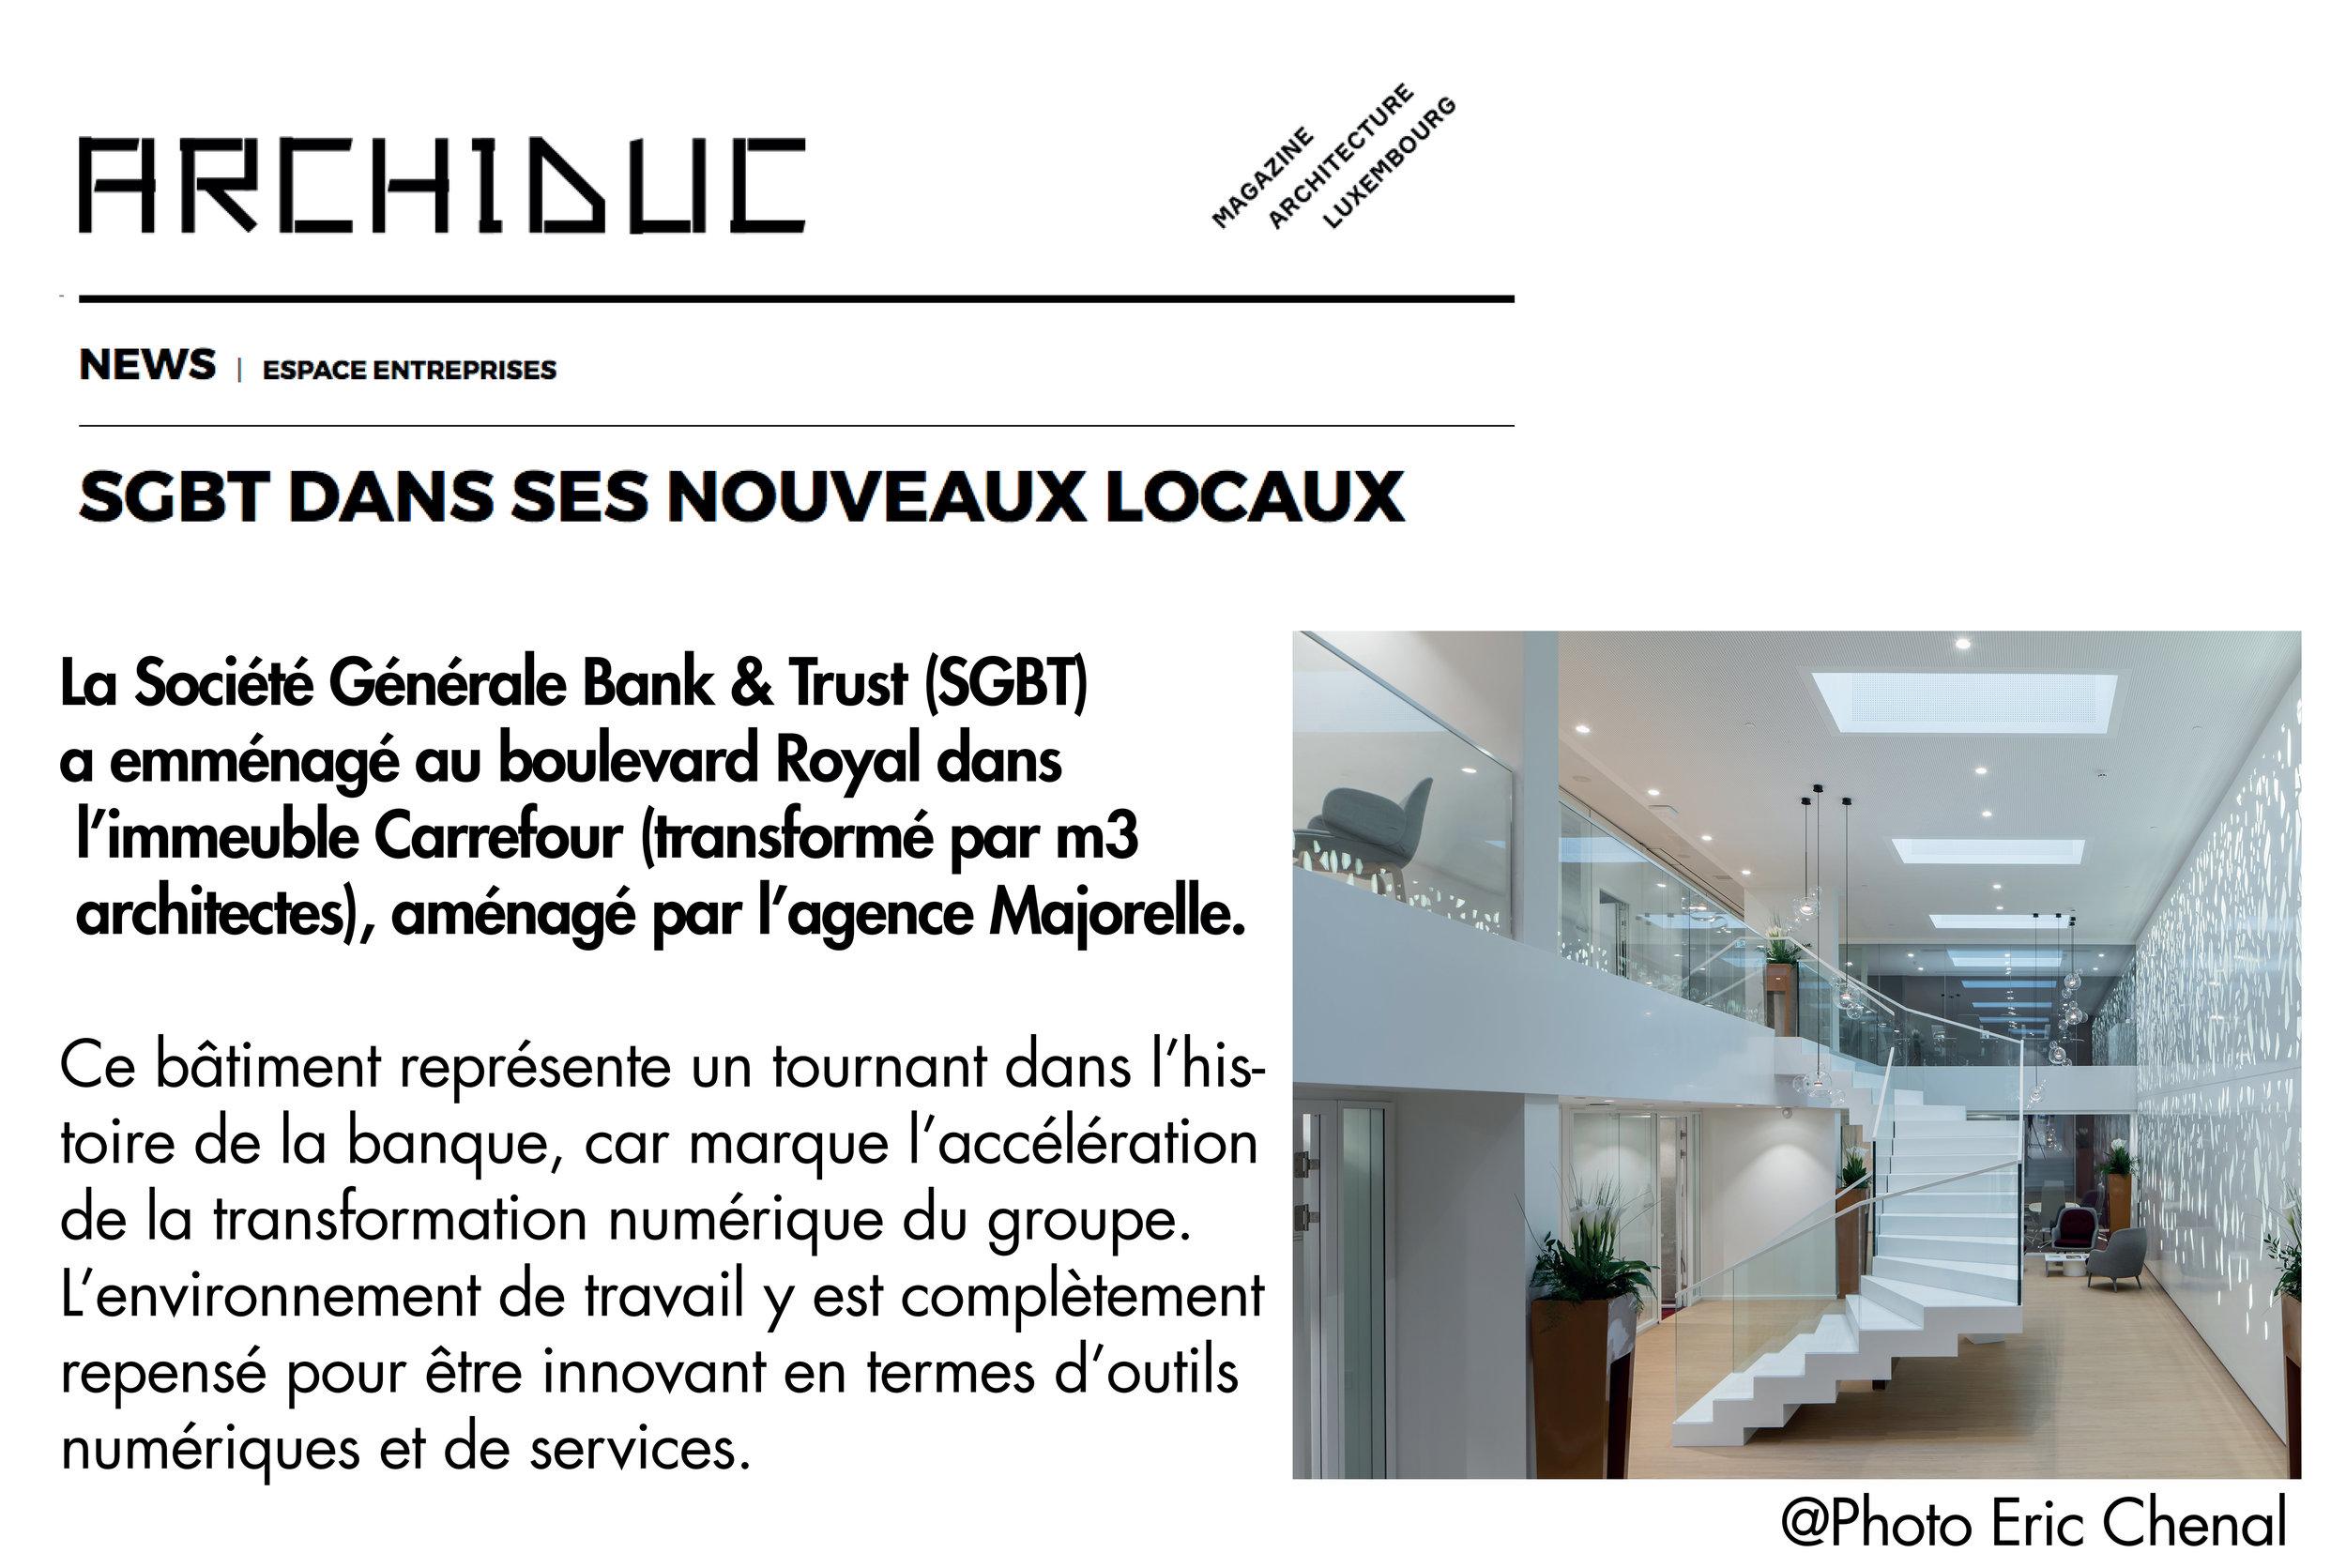 La Société Générale Bank & Trust (SGBT) a emménagé au boulevard Royal dans l'immeuble Carrefour (transformé par m3 architectes), aménagé par l'agence Majorelle.     Lire l'article ici